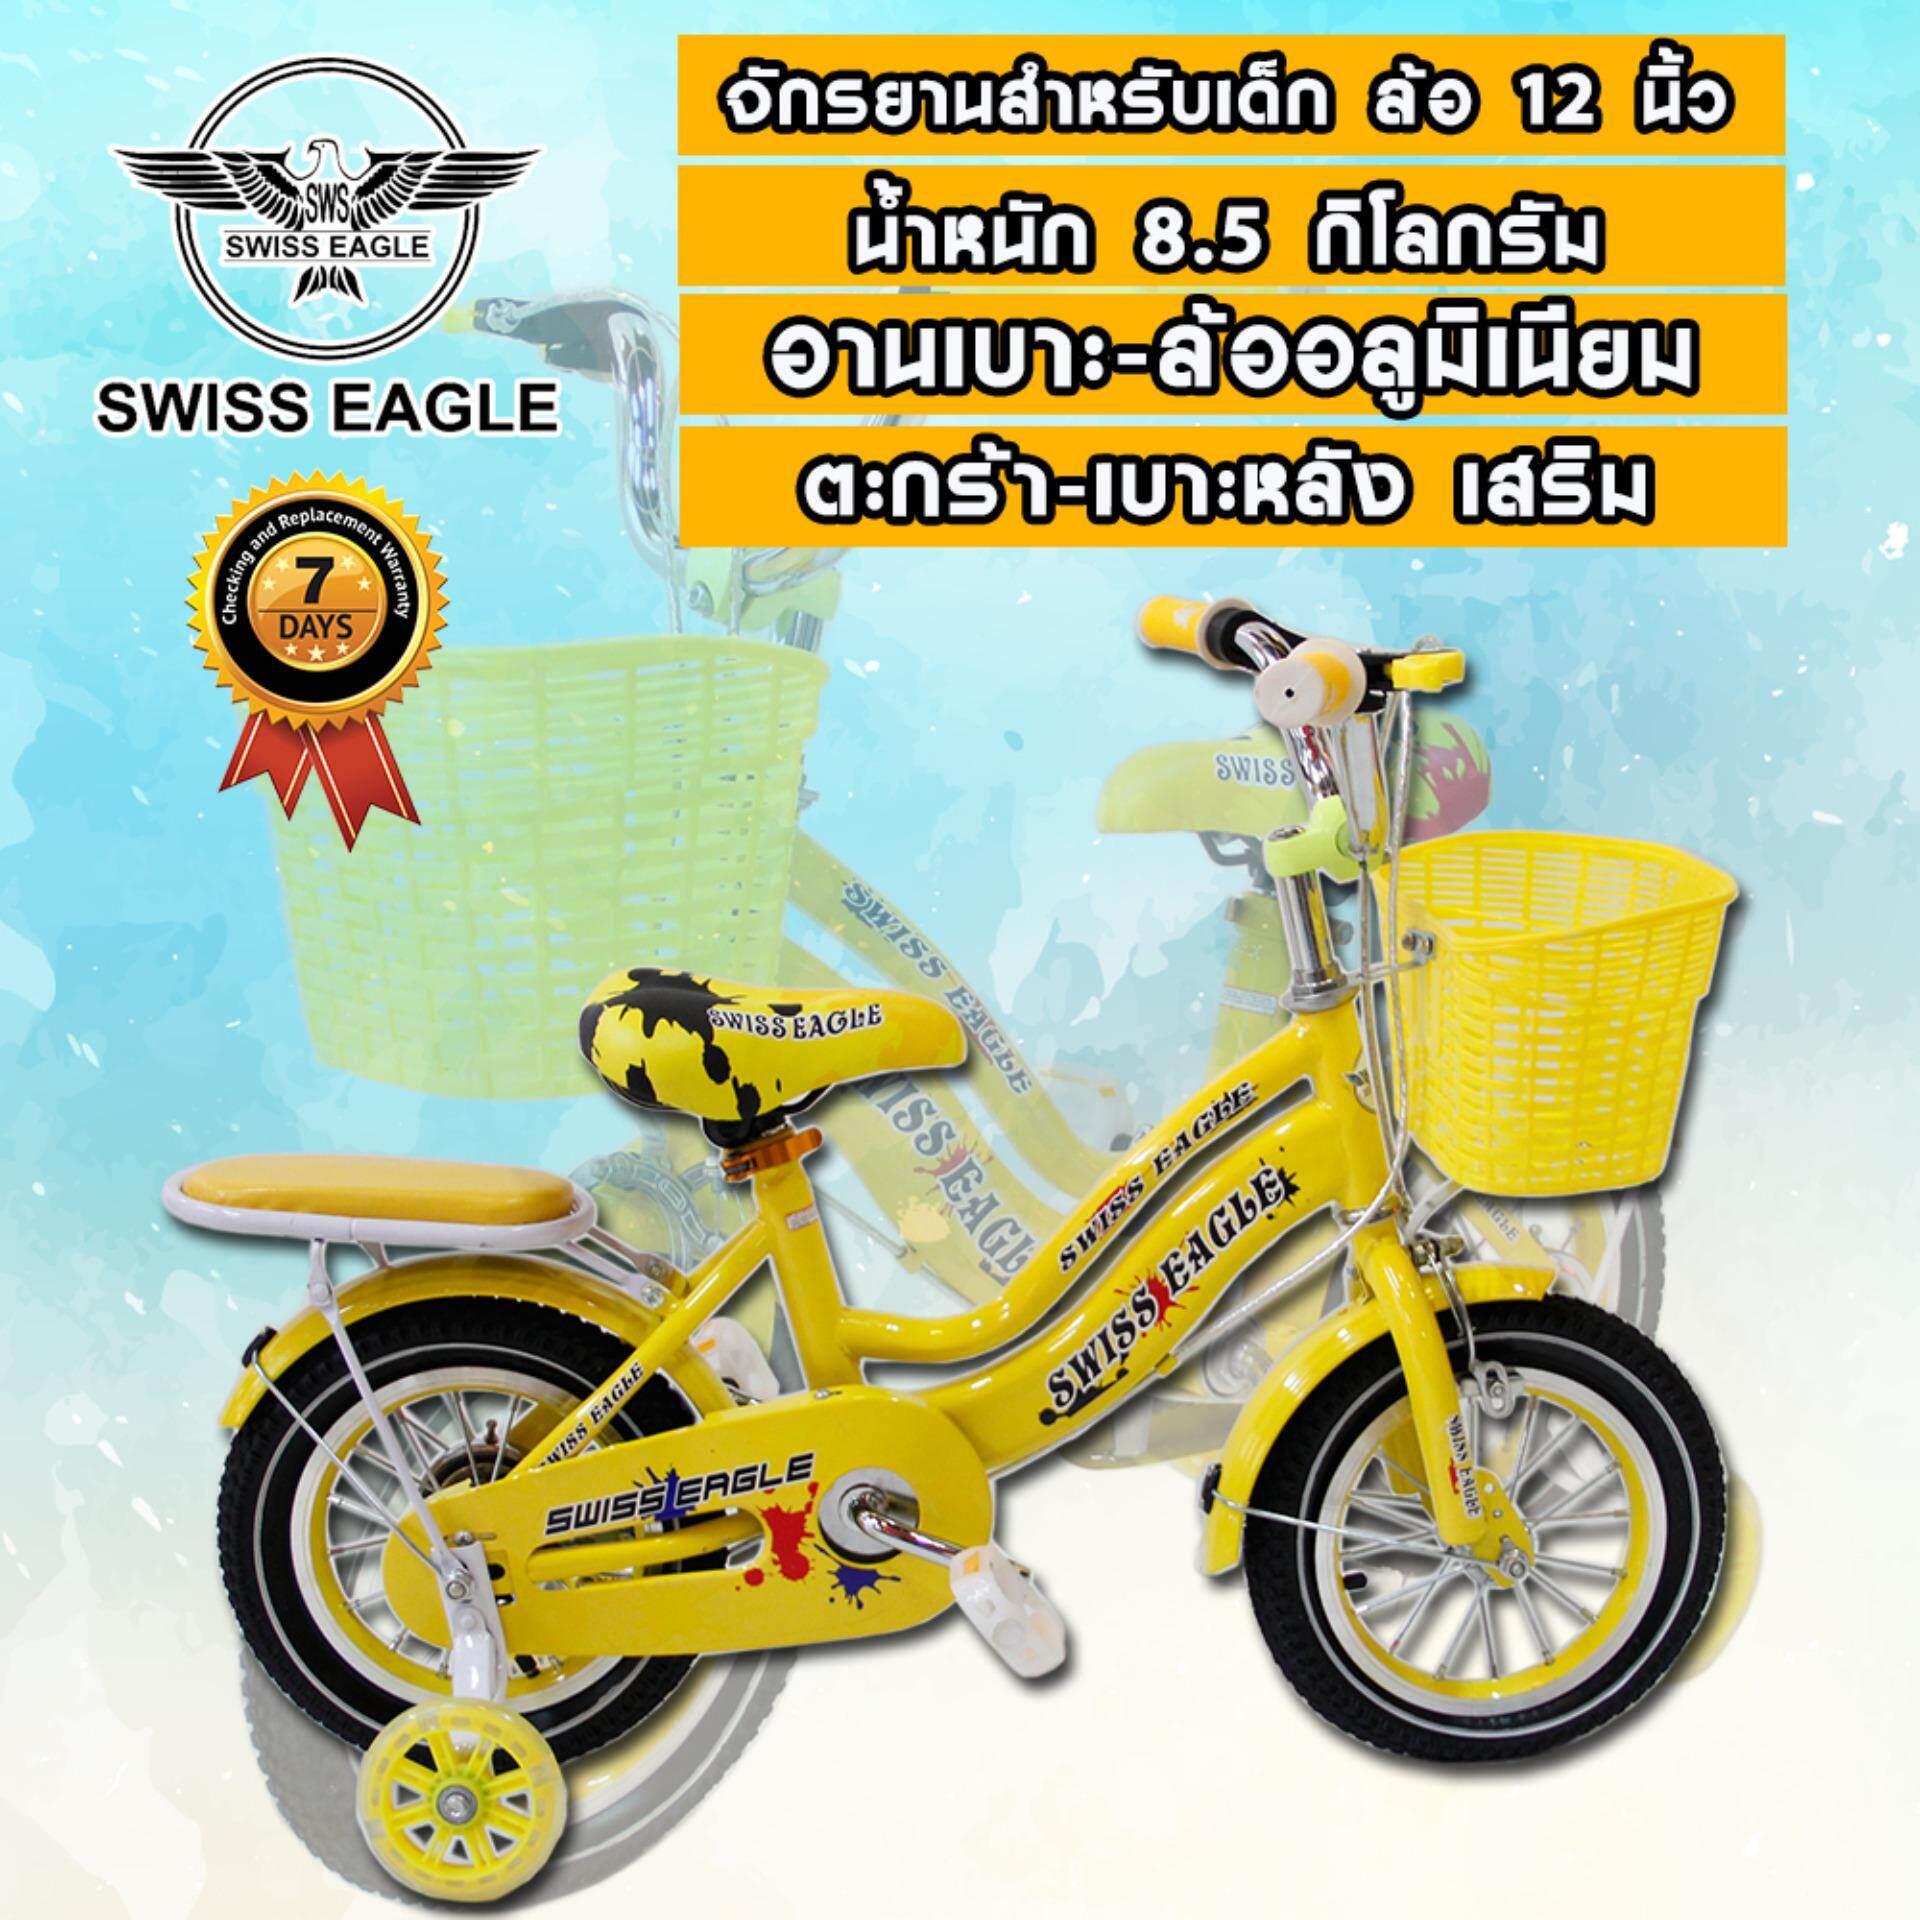 ราคา Swiss Eagle จักรยานเด็ก ล้อ 12 นิ้ว รุ่น Yx Bmx 1719 สีเหลือง พร้อม ล้อเสริม2ล้อหลัง ใหม่